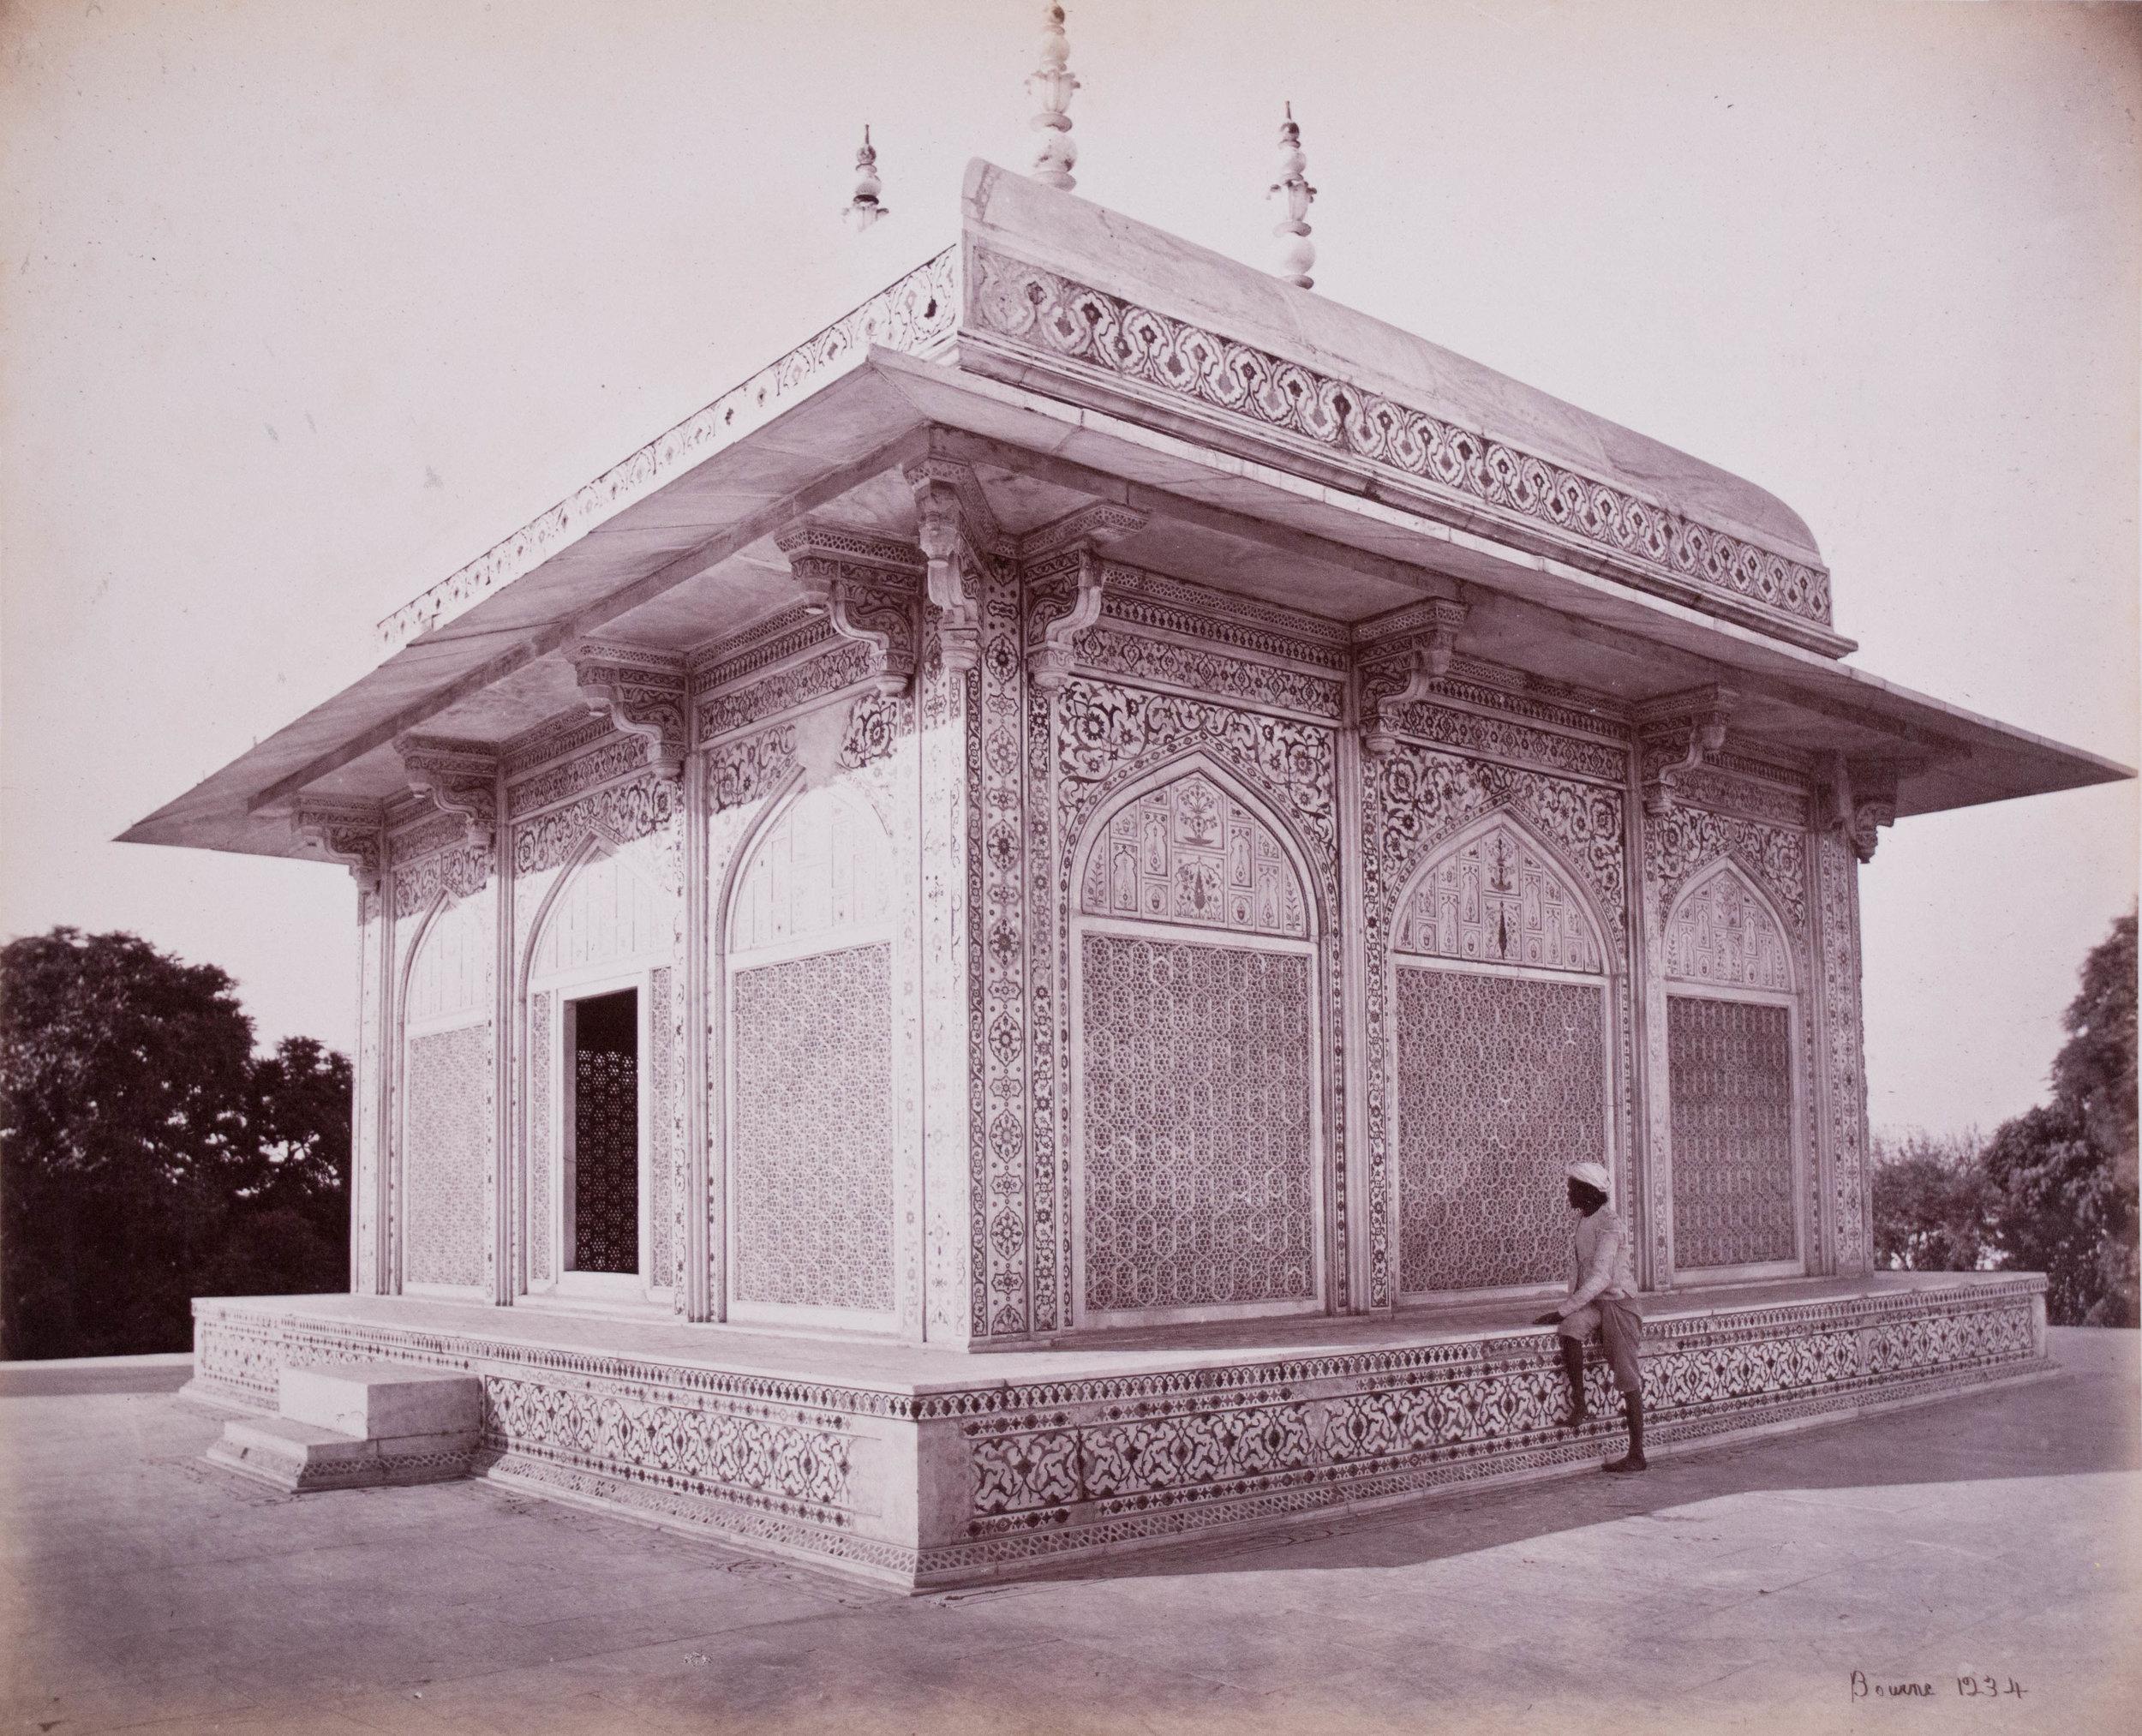 Coupole de marbre du Mausolée du Prince Etmad al Dowlah